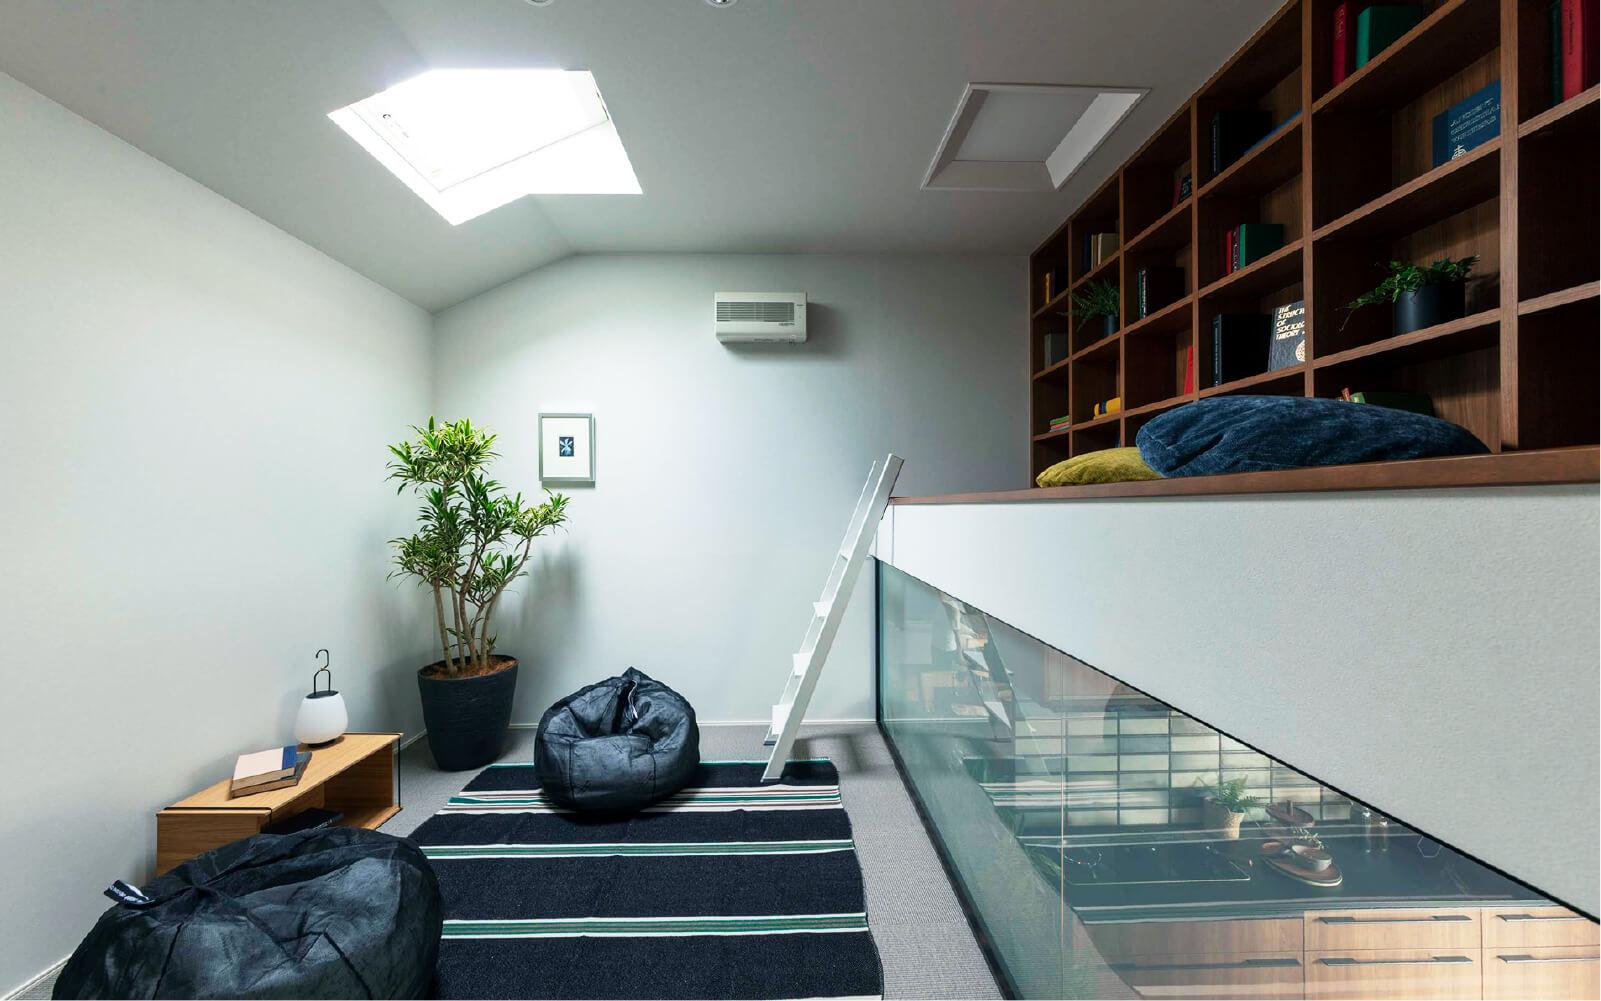 トヨタホームさんの平屋住宅「シンセ・スマートステージプラス(平屋)」のスキップフロアの写真